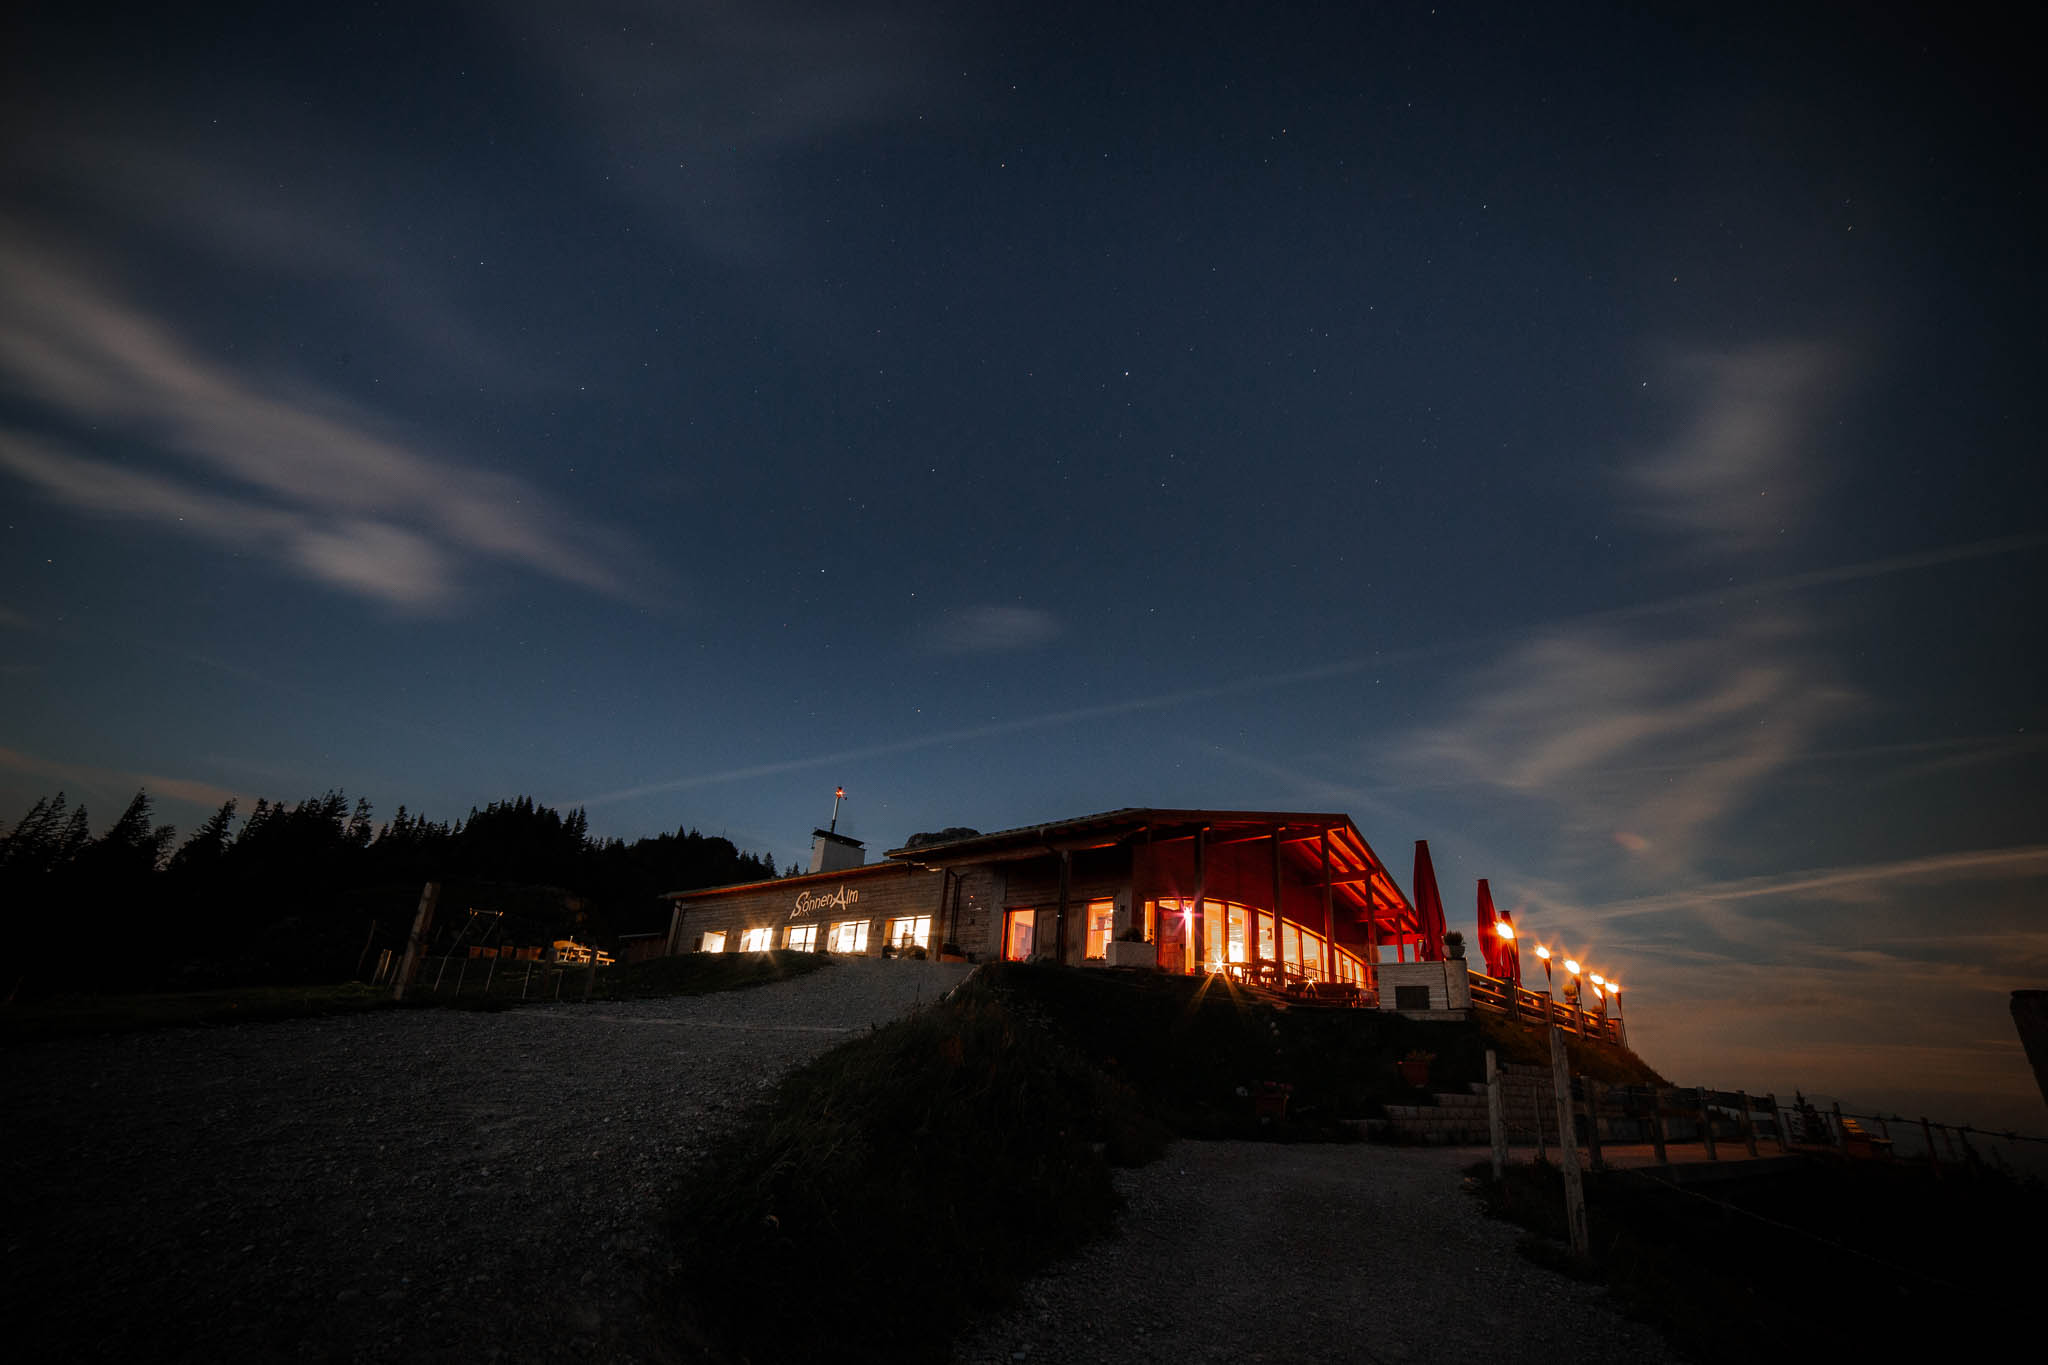 Hochzeitsfotograf Alpen, Chiemgau: freie Trauung von Dennis & Dirk 92